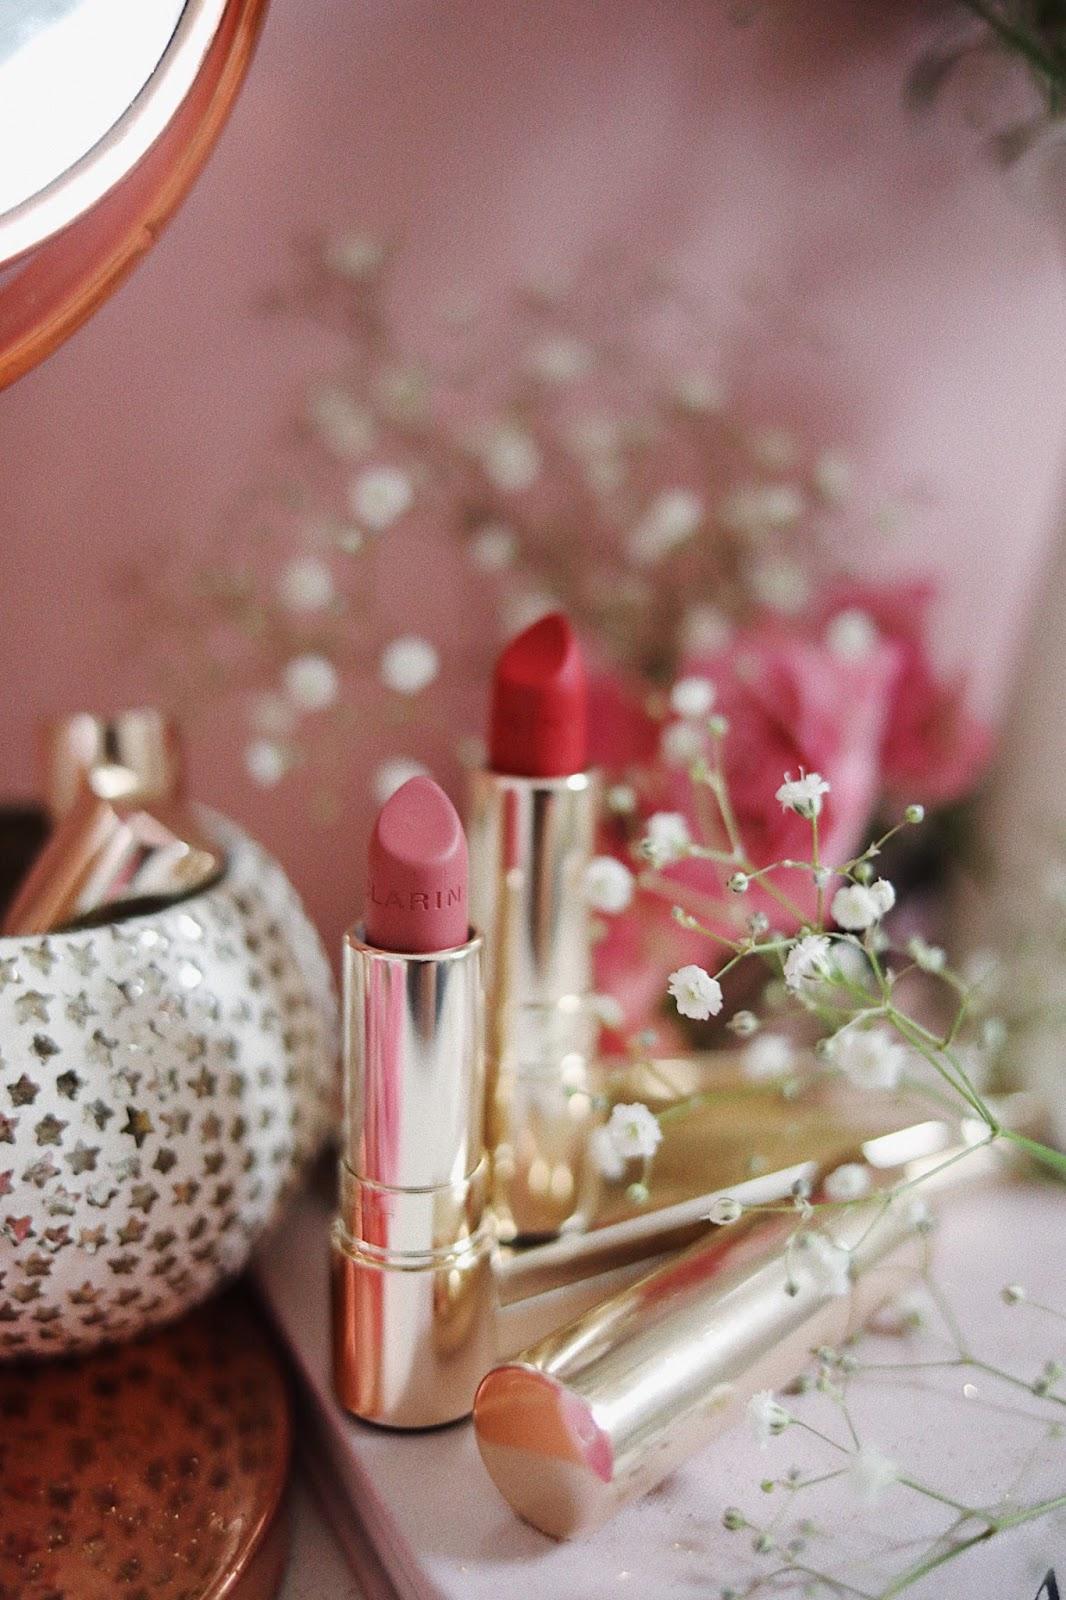 CLARINS , CLARINSFR , CLARINS FRANCE , CLARINS ACADEMIE , PRINTEMPS 2018 , JOLI ROUGE VELVET,WOODBERRY , DEPP RED, 759V , 754V, rose mademoiselle , rosemademoiselle , revue , avis , Swatch , Palette Lovely Rose , 07 Lovely Rose , Graphik Ink Liner , Blush Prodige ,